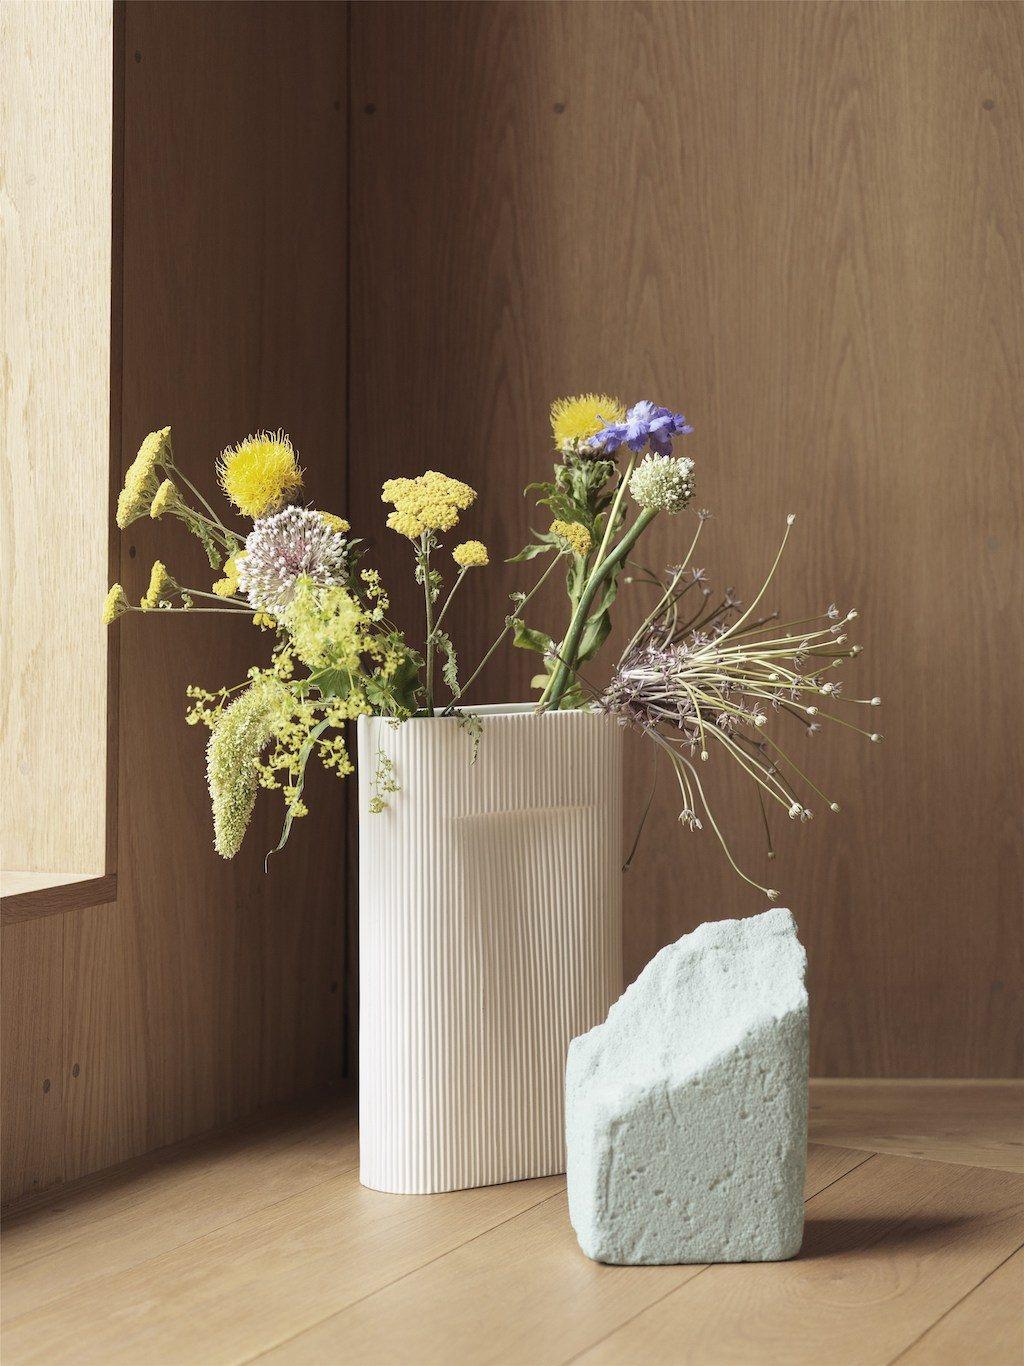 Ridge Vase von Muuto mit frischen Blumen. Davor ein weißer Block, womöglich aus Gips oder Blumensteckmasse.